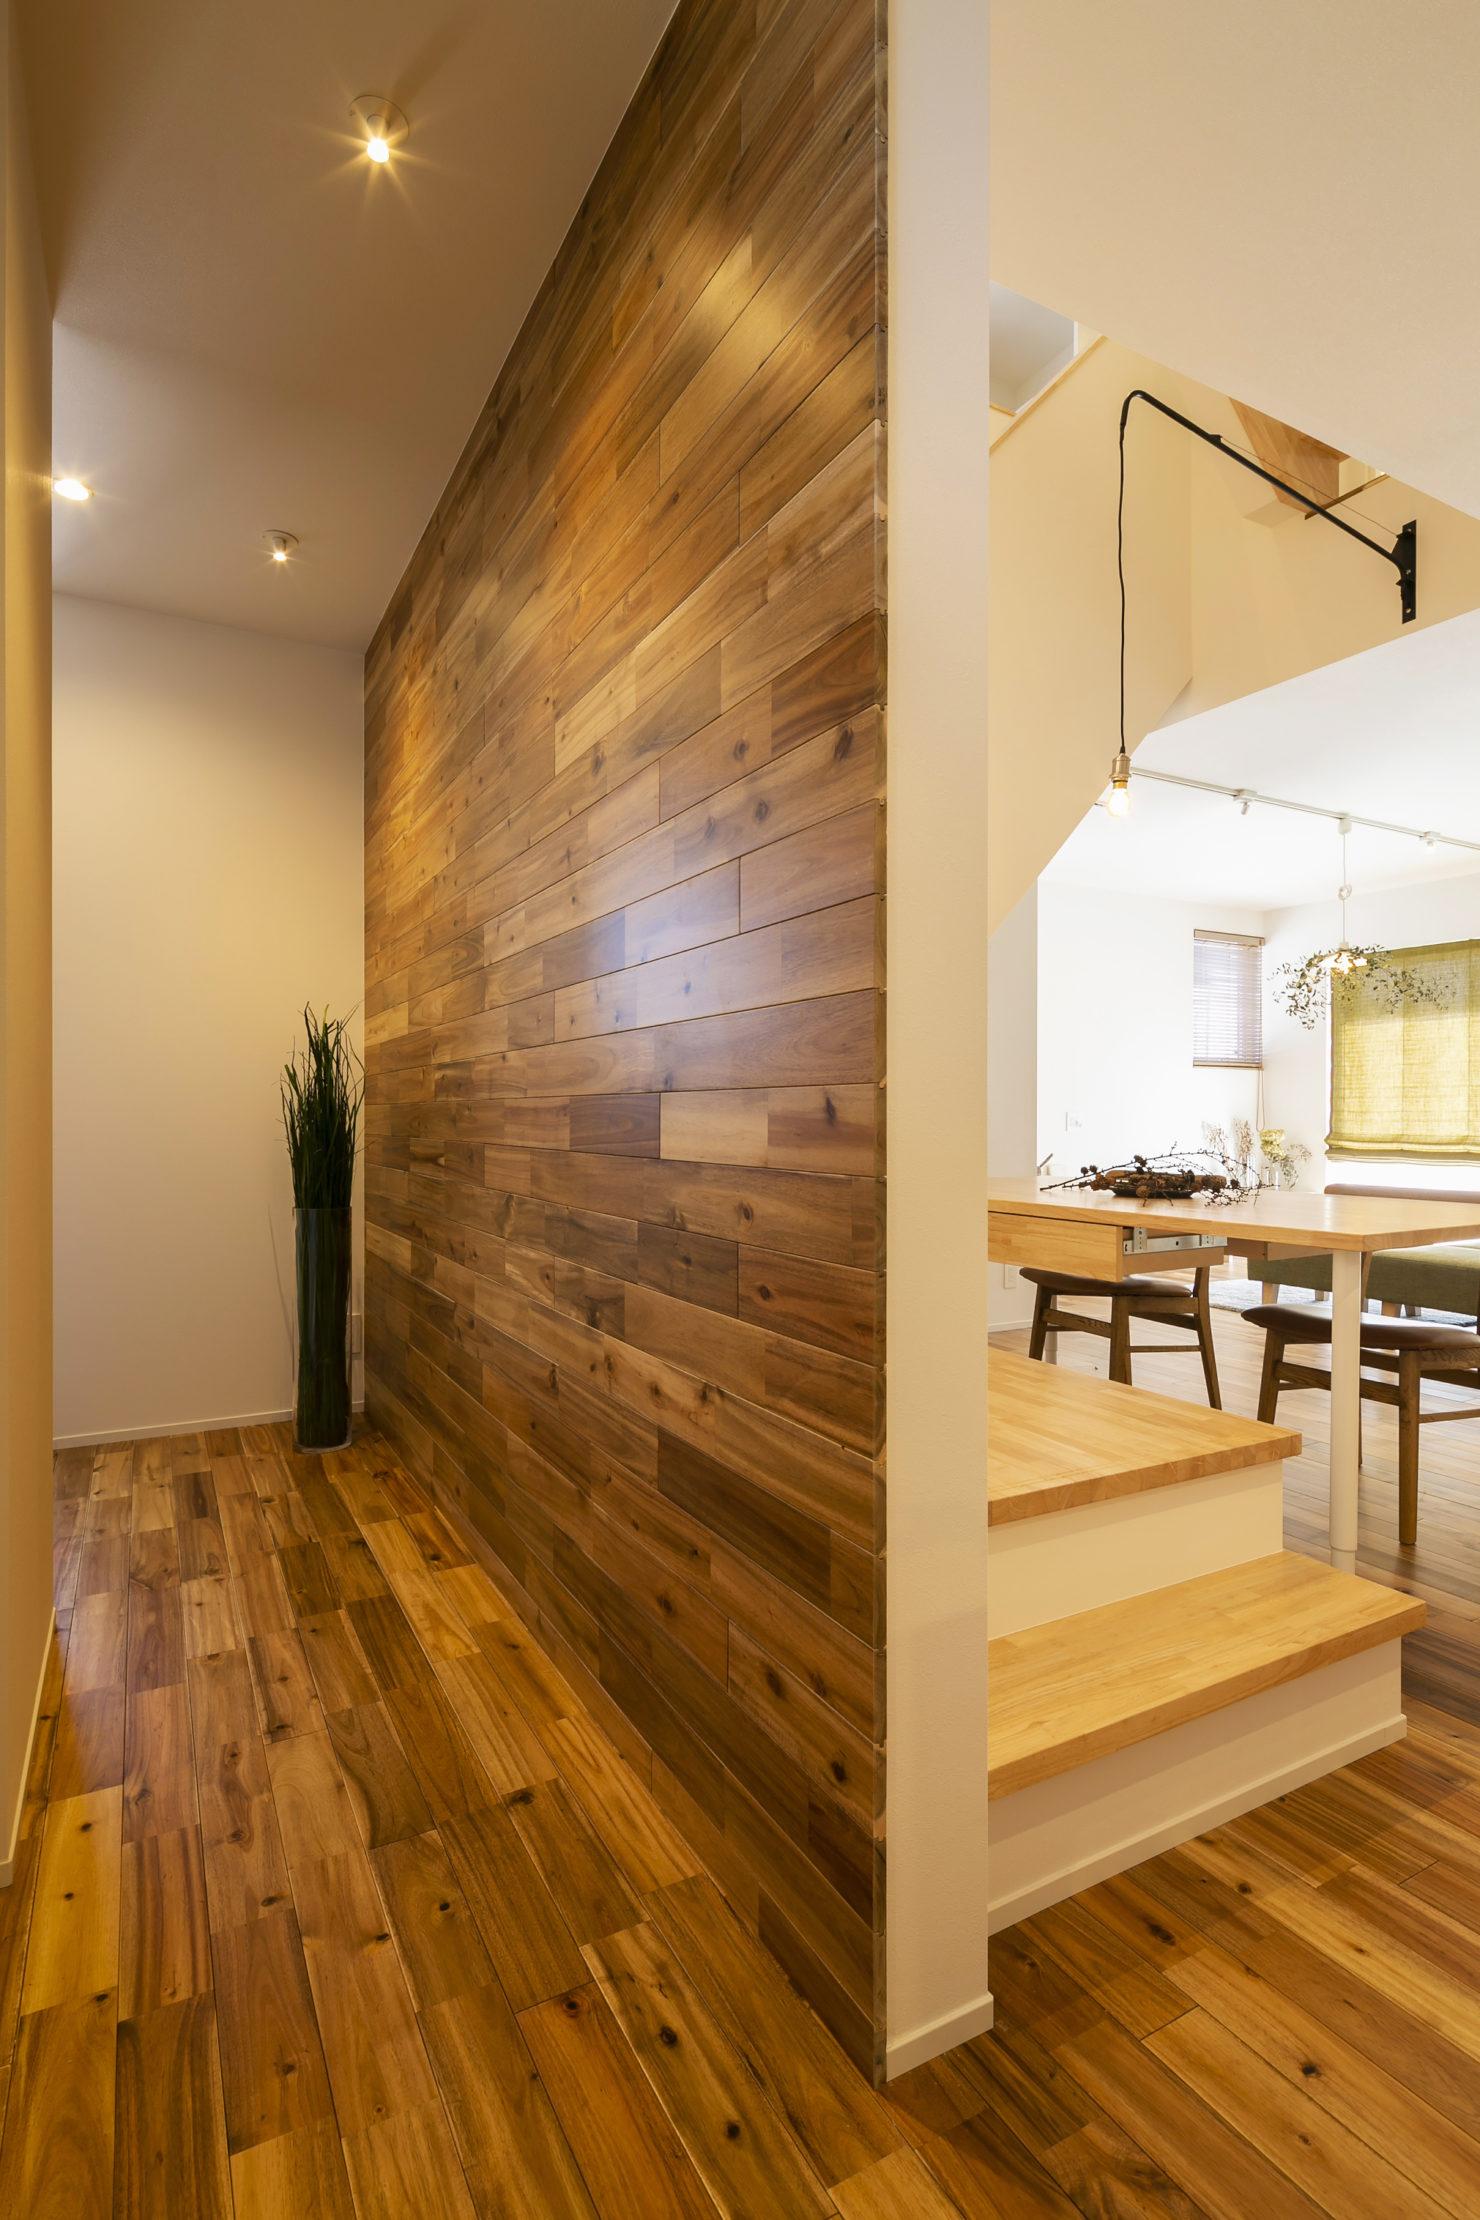 ハウスM21+archi「周囲との関係性・持続性のあるデザイン」玄関ホール写真